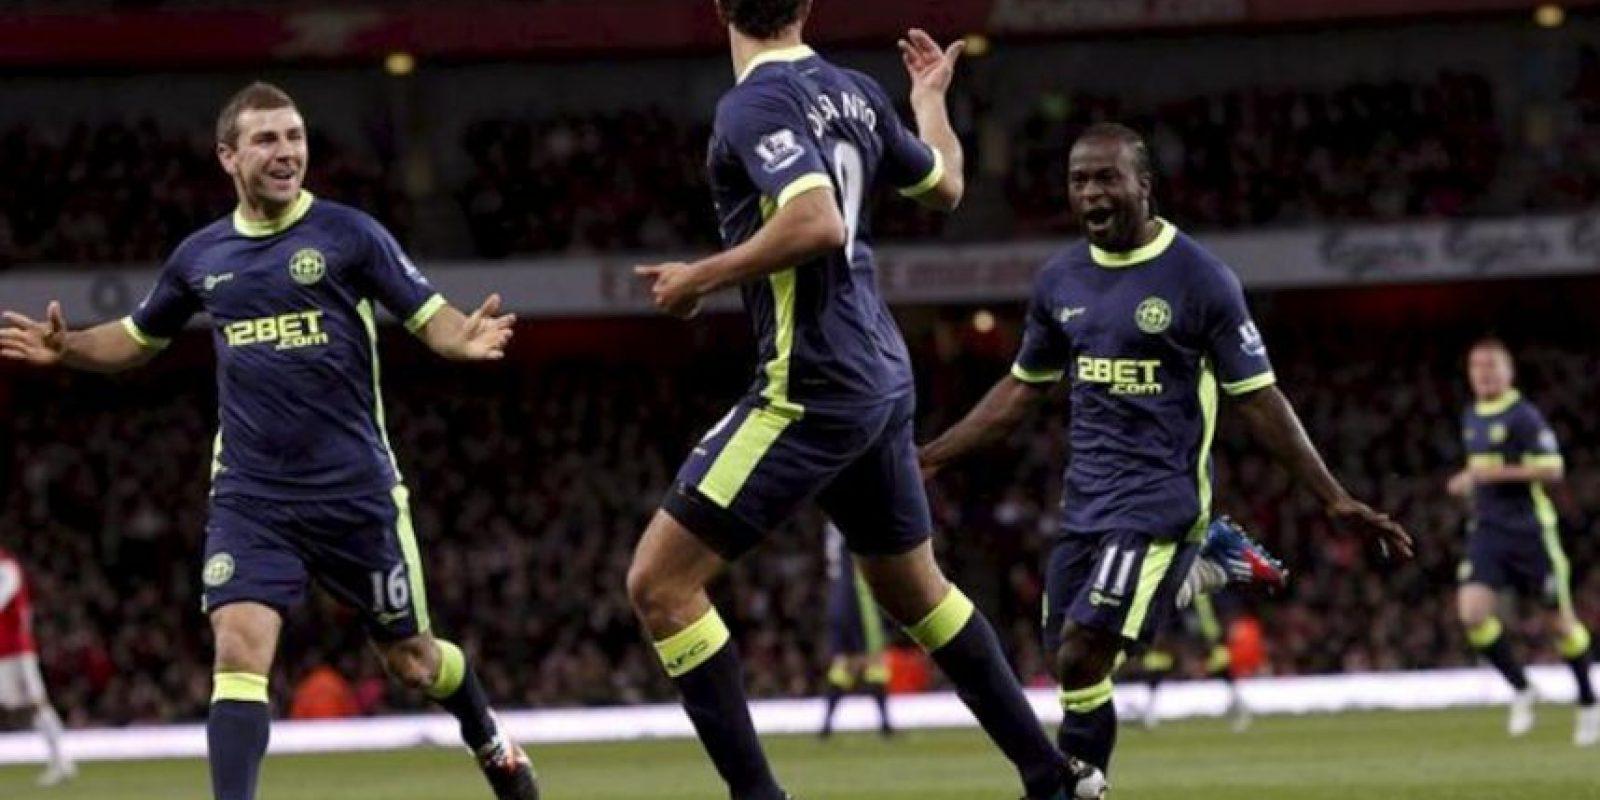 Los jugadores del Wigan Athletic Franco Di Santo (c), James McArthur (izq) y Victor Moses (dcha) celebran el primer gol al Arsenal, durante el partido de la Premier League que los dos equipos jugaron en el Emirates Stadium de Londres, Reino Unido. EFE